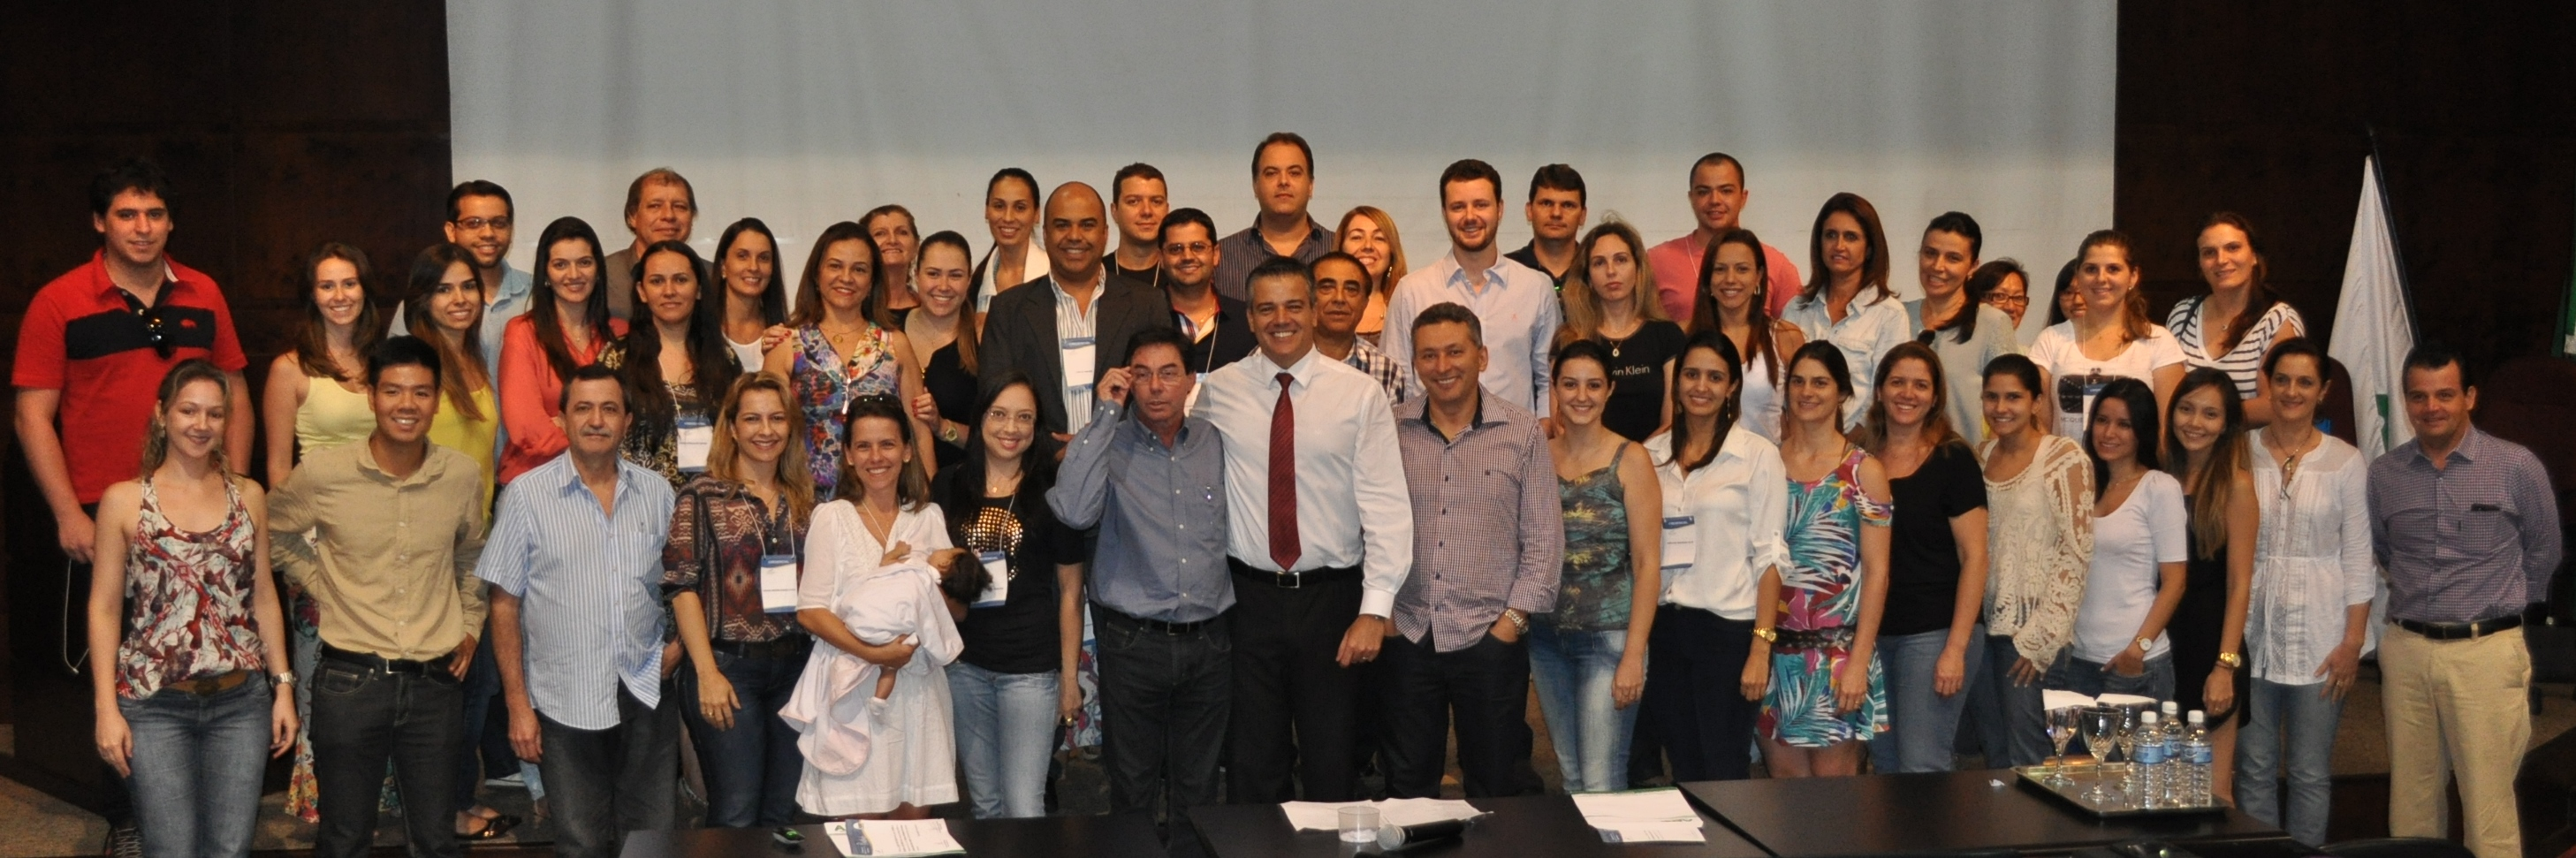 Meeting de Ortodontia reúne profissionais na Capital